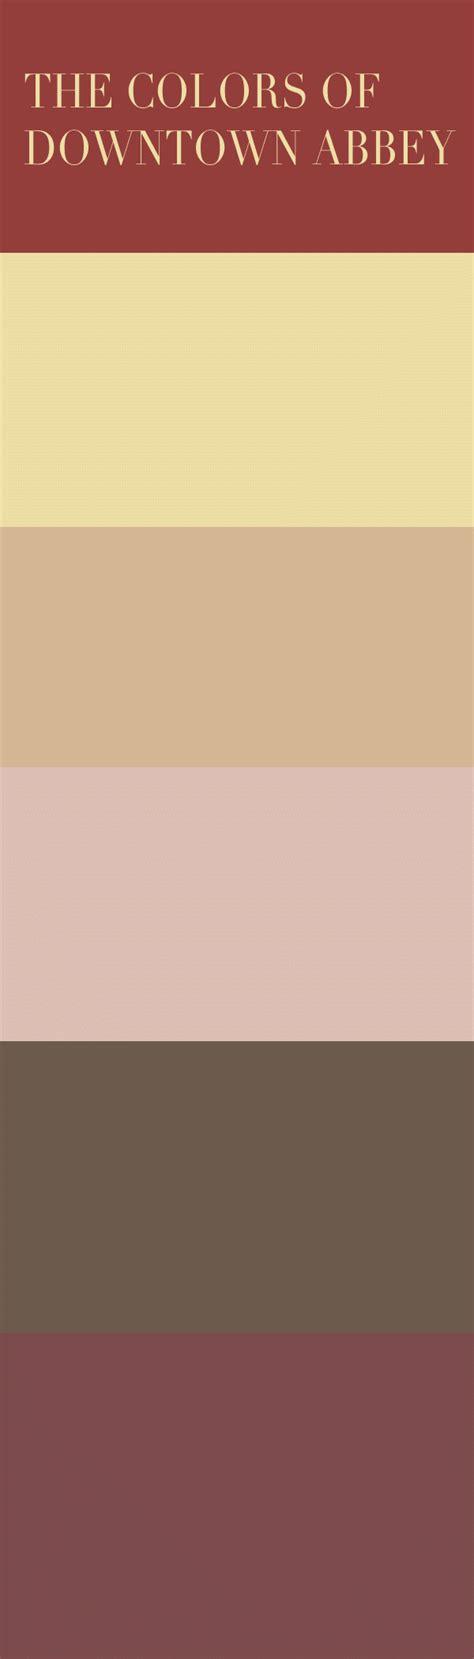 downton interior colors